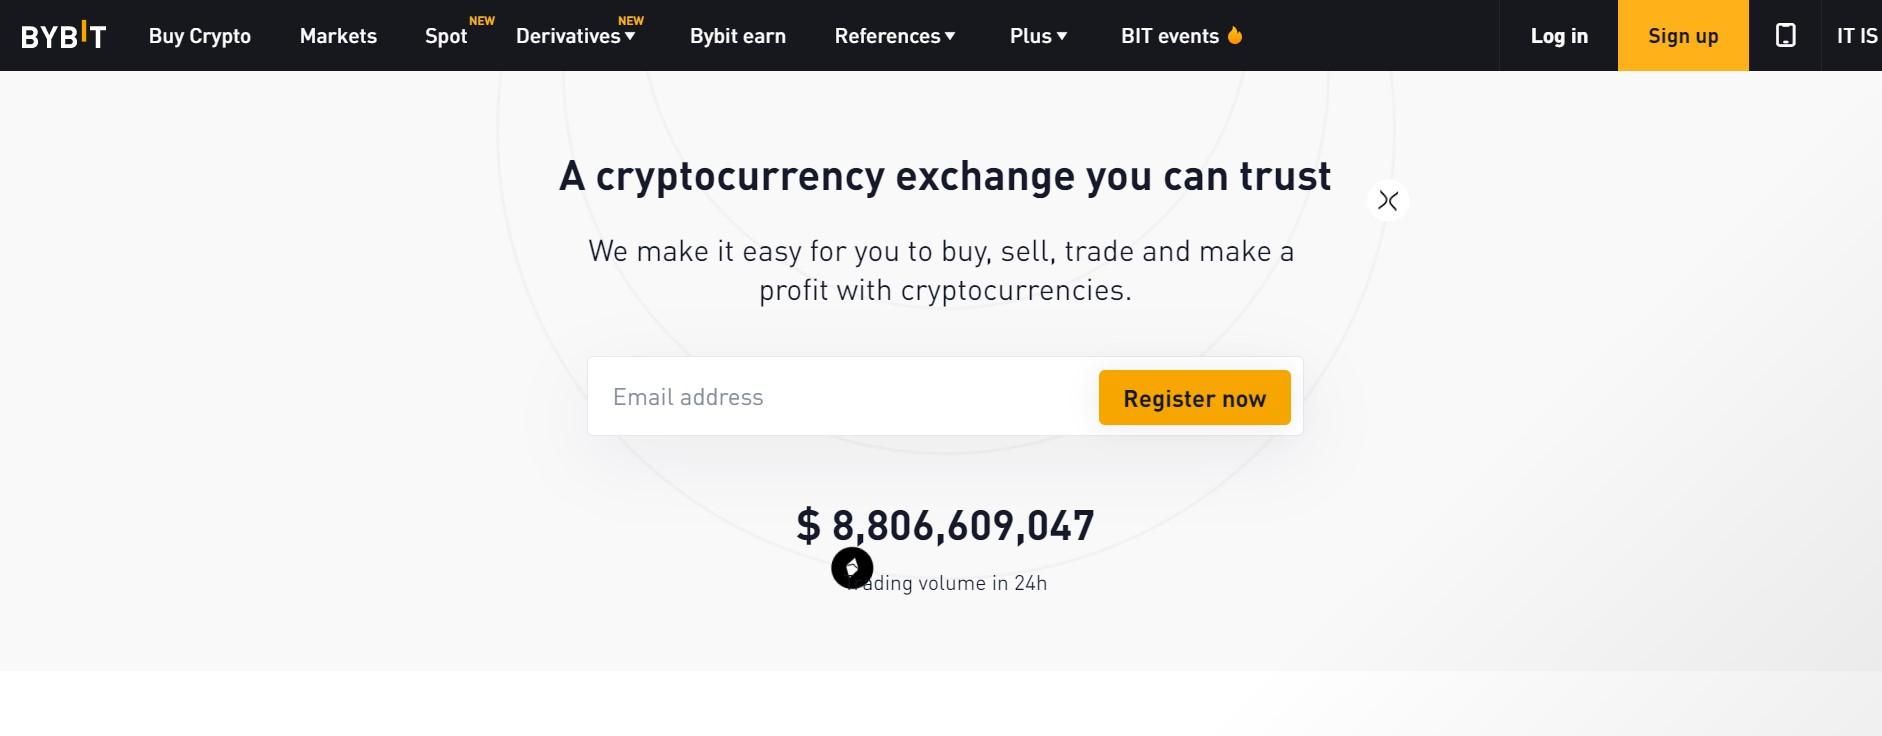 Bybit website